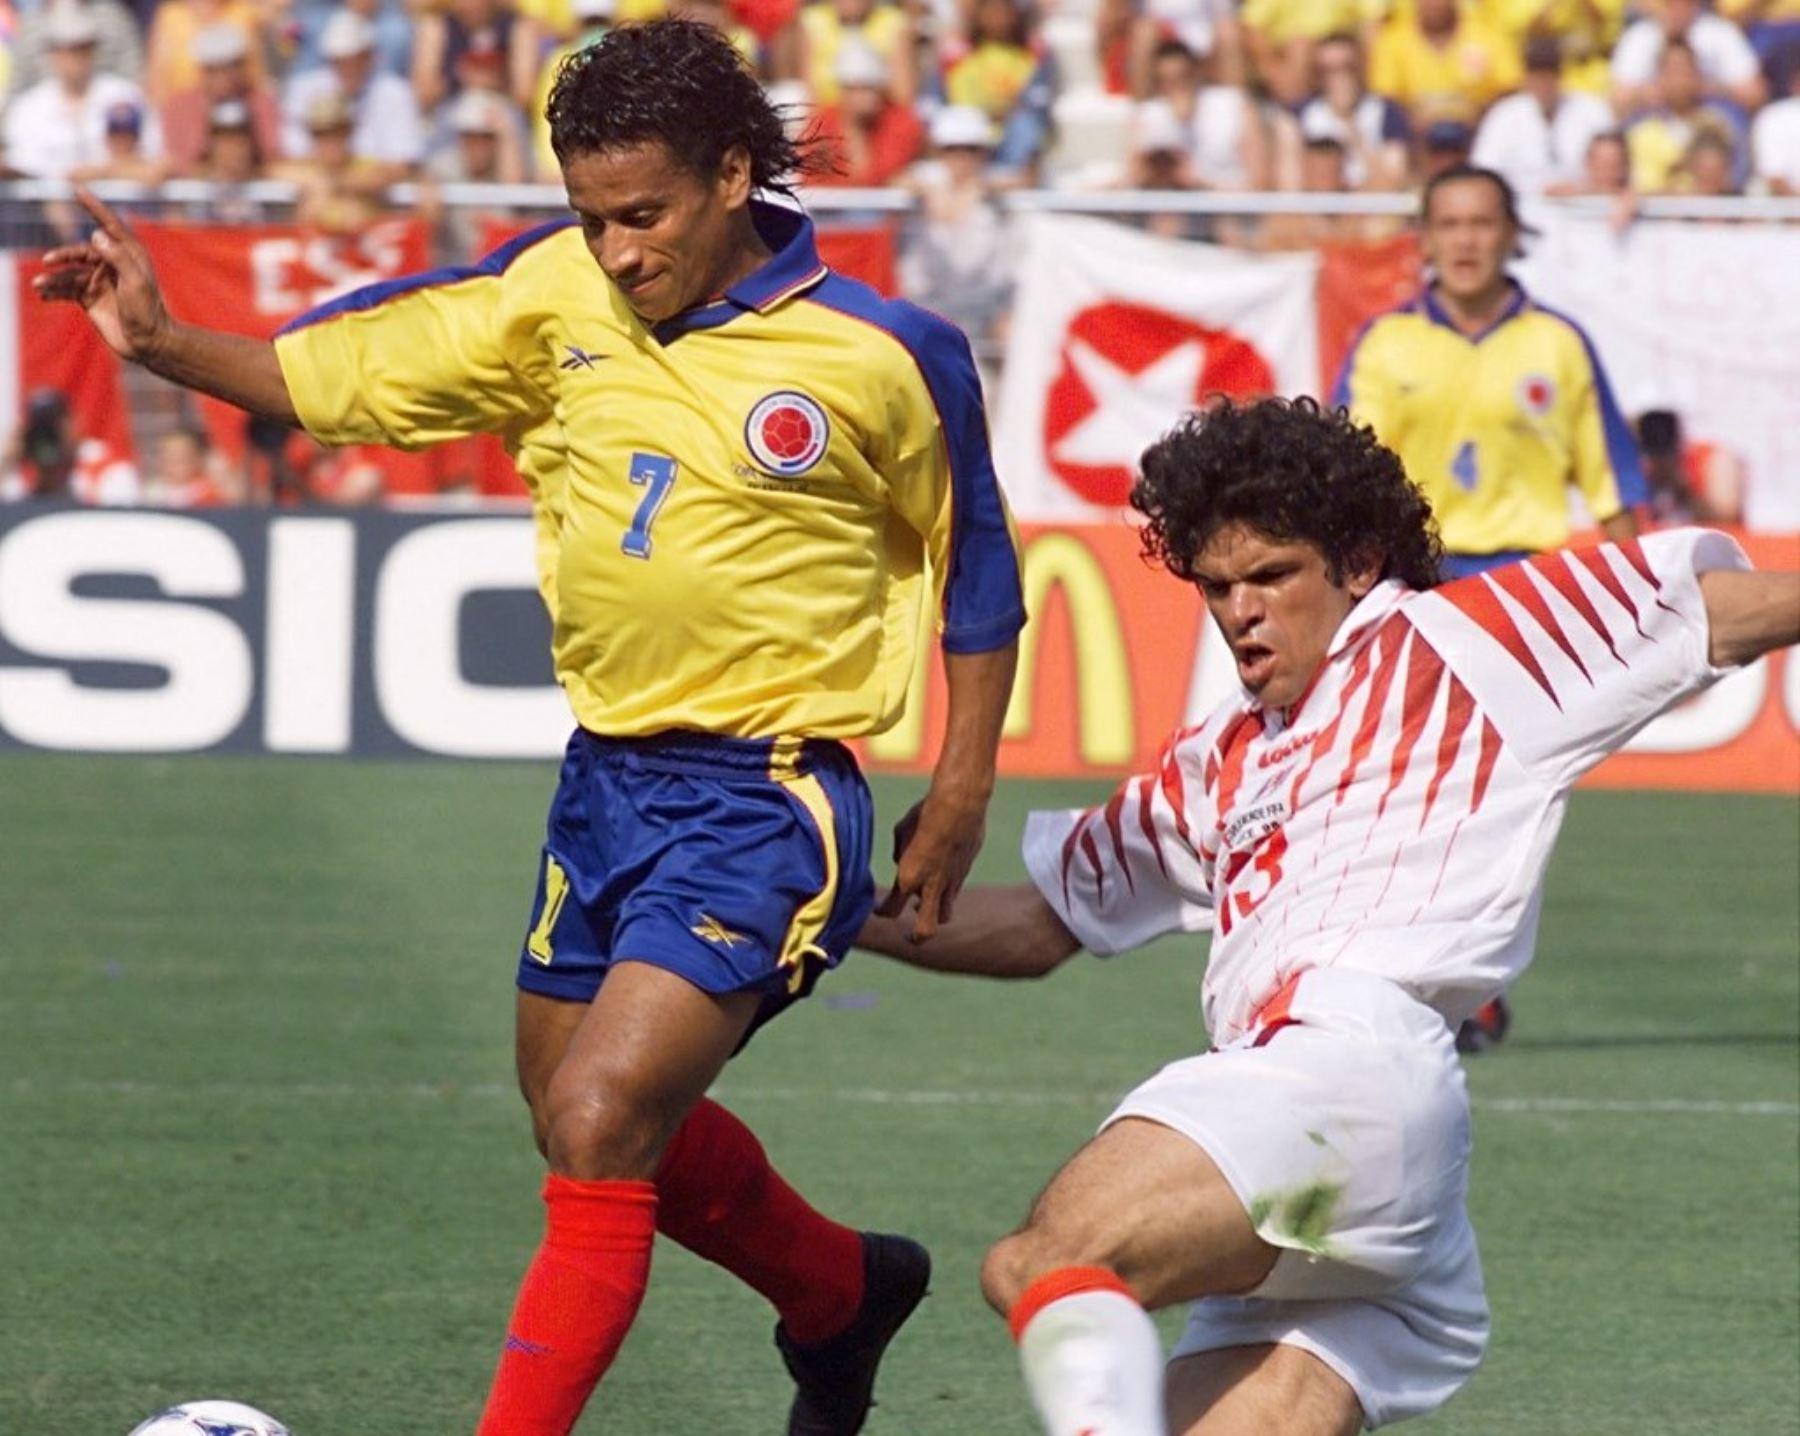 Anthony de Ávila y el viejo romance entre el fútbol y el narco en Colombia